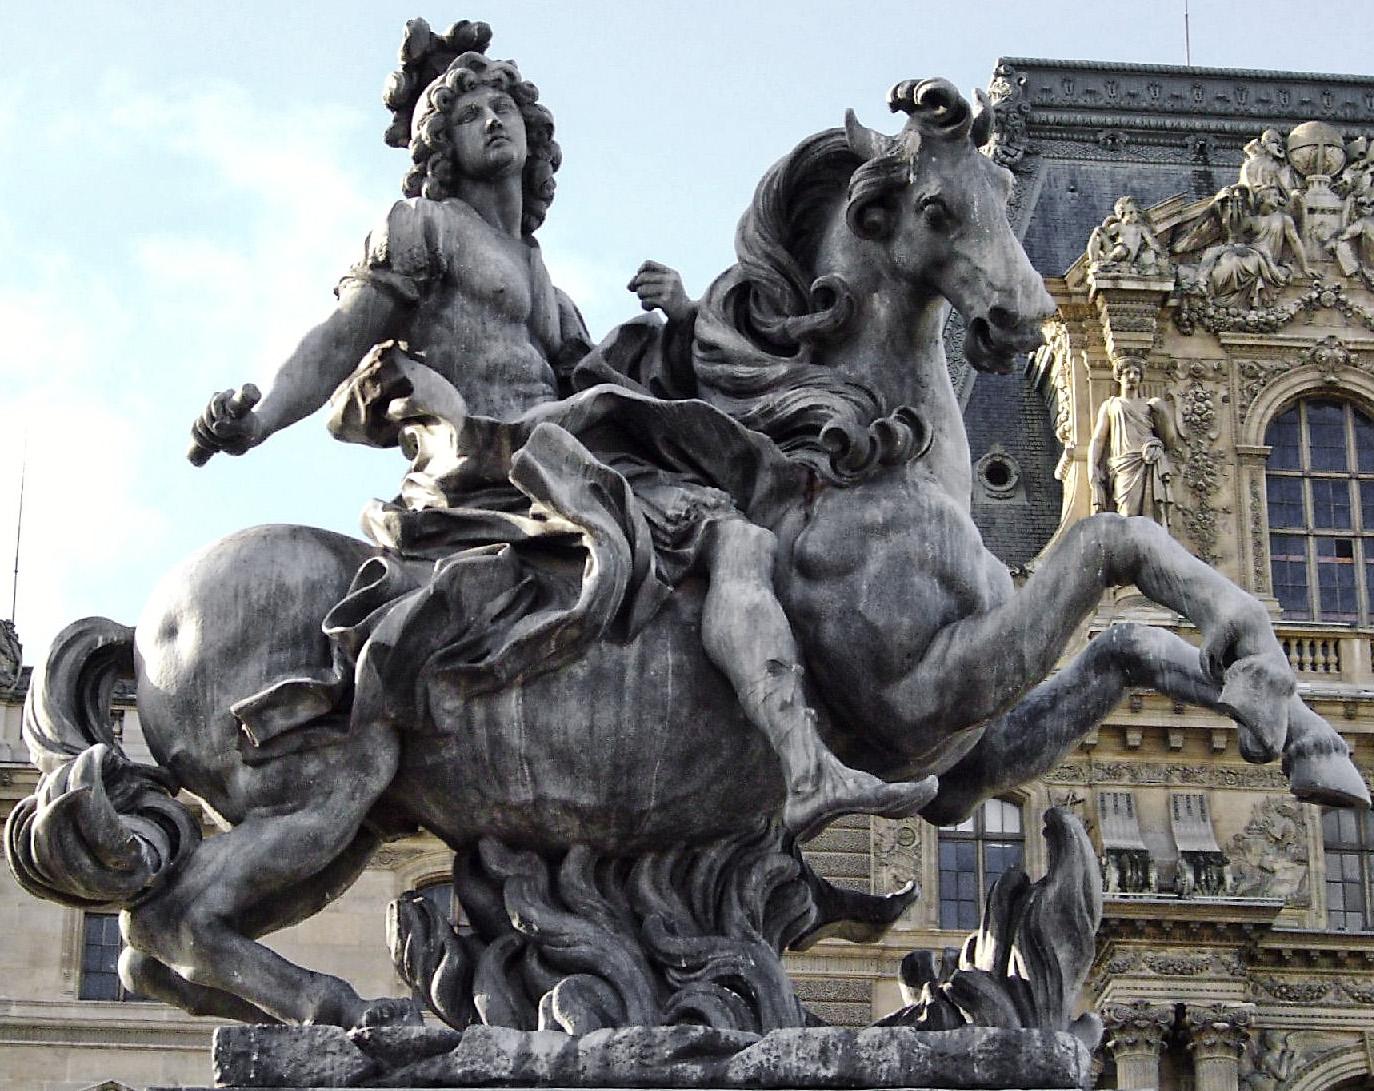 Gian Lorenzo Bernini. Estatua ecuestre de Luis XIV. 1677. Palacio de Versalles. Parece ser que al rey no le gustó demasiado la obra de Bernini, encargando al francés Girandón que realizara algunas modificaciones, convirtiéndole en Marco Curcio, un héroe romano.